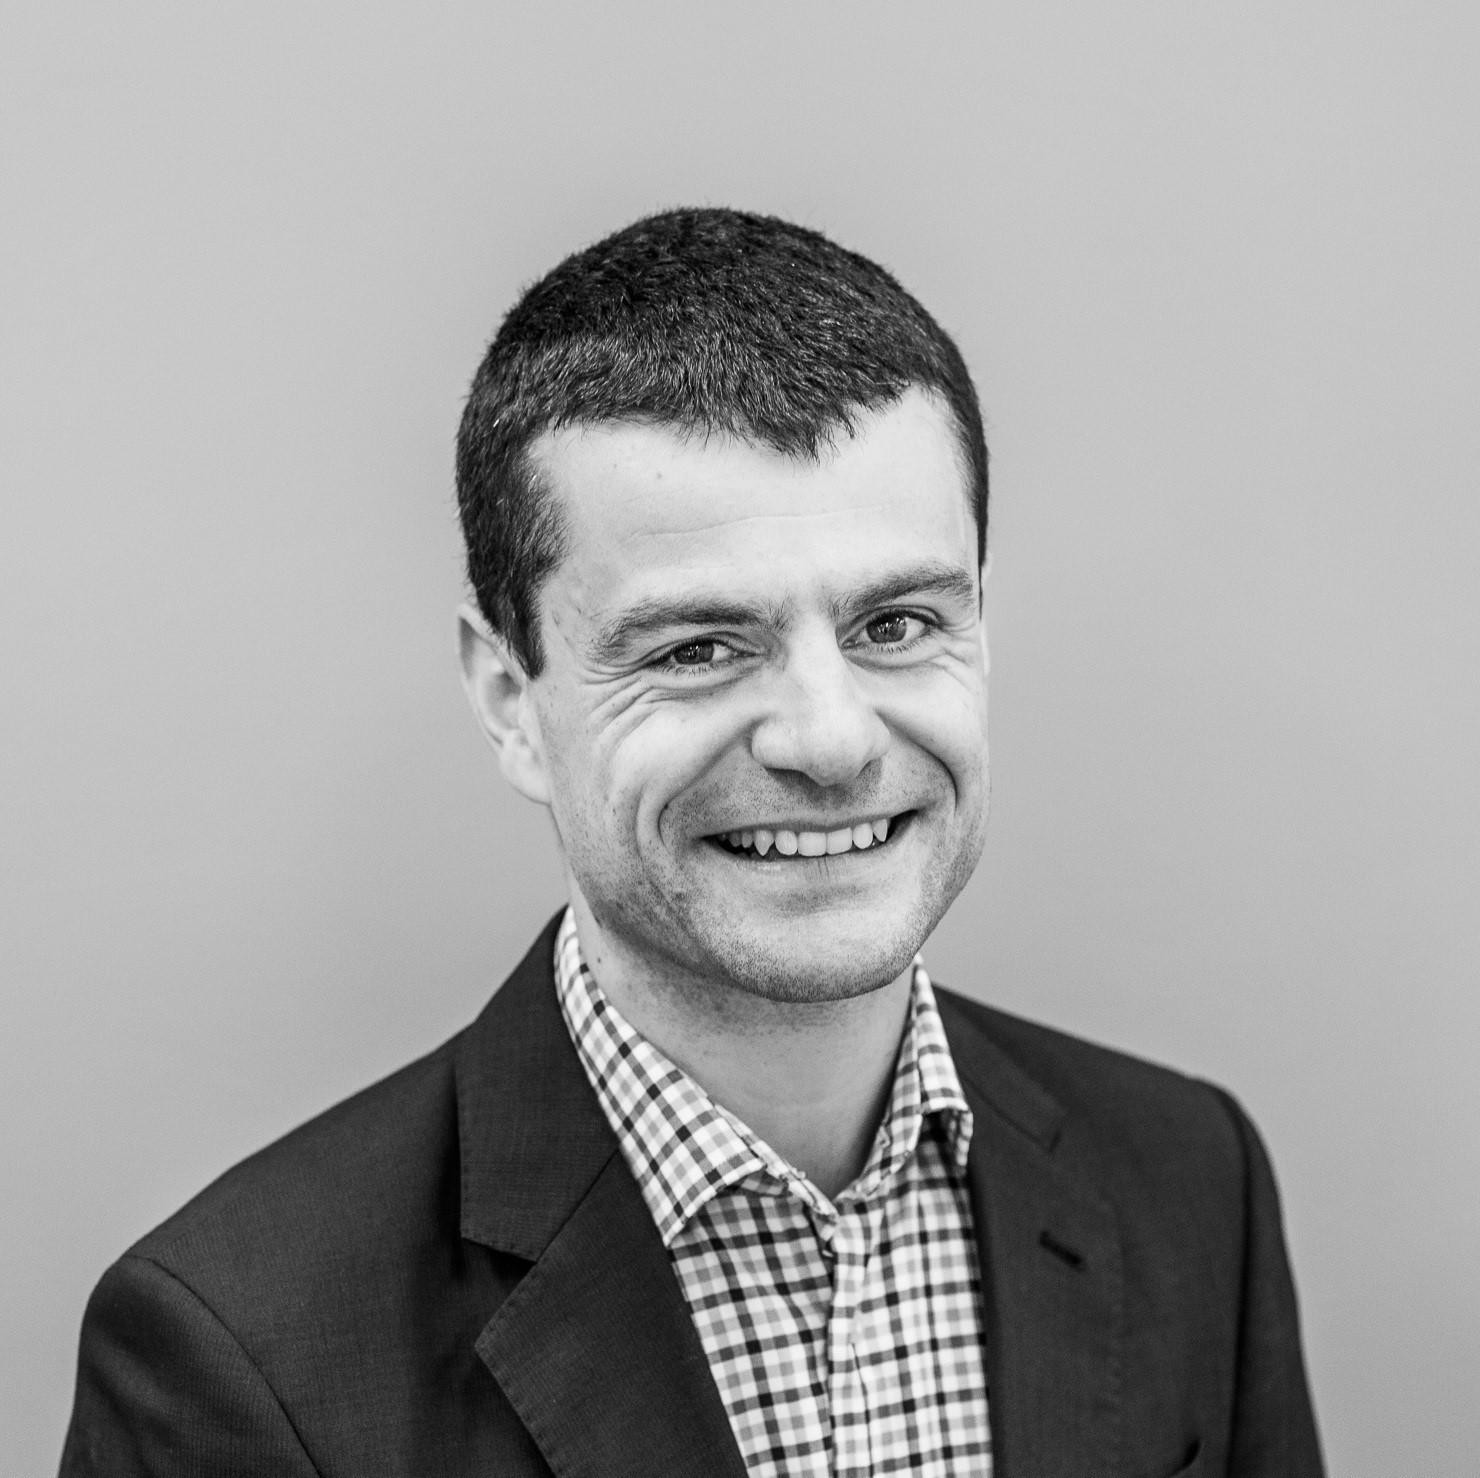 Rami Kulafi